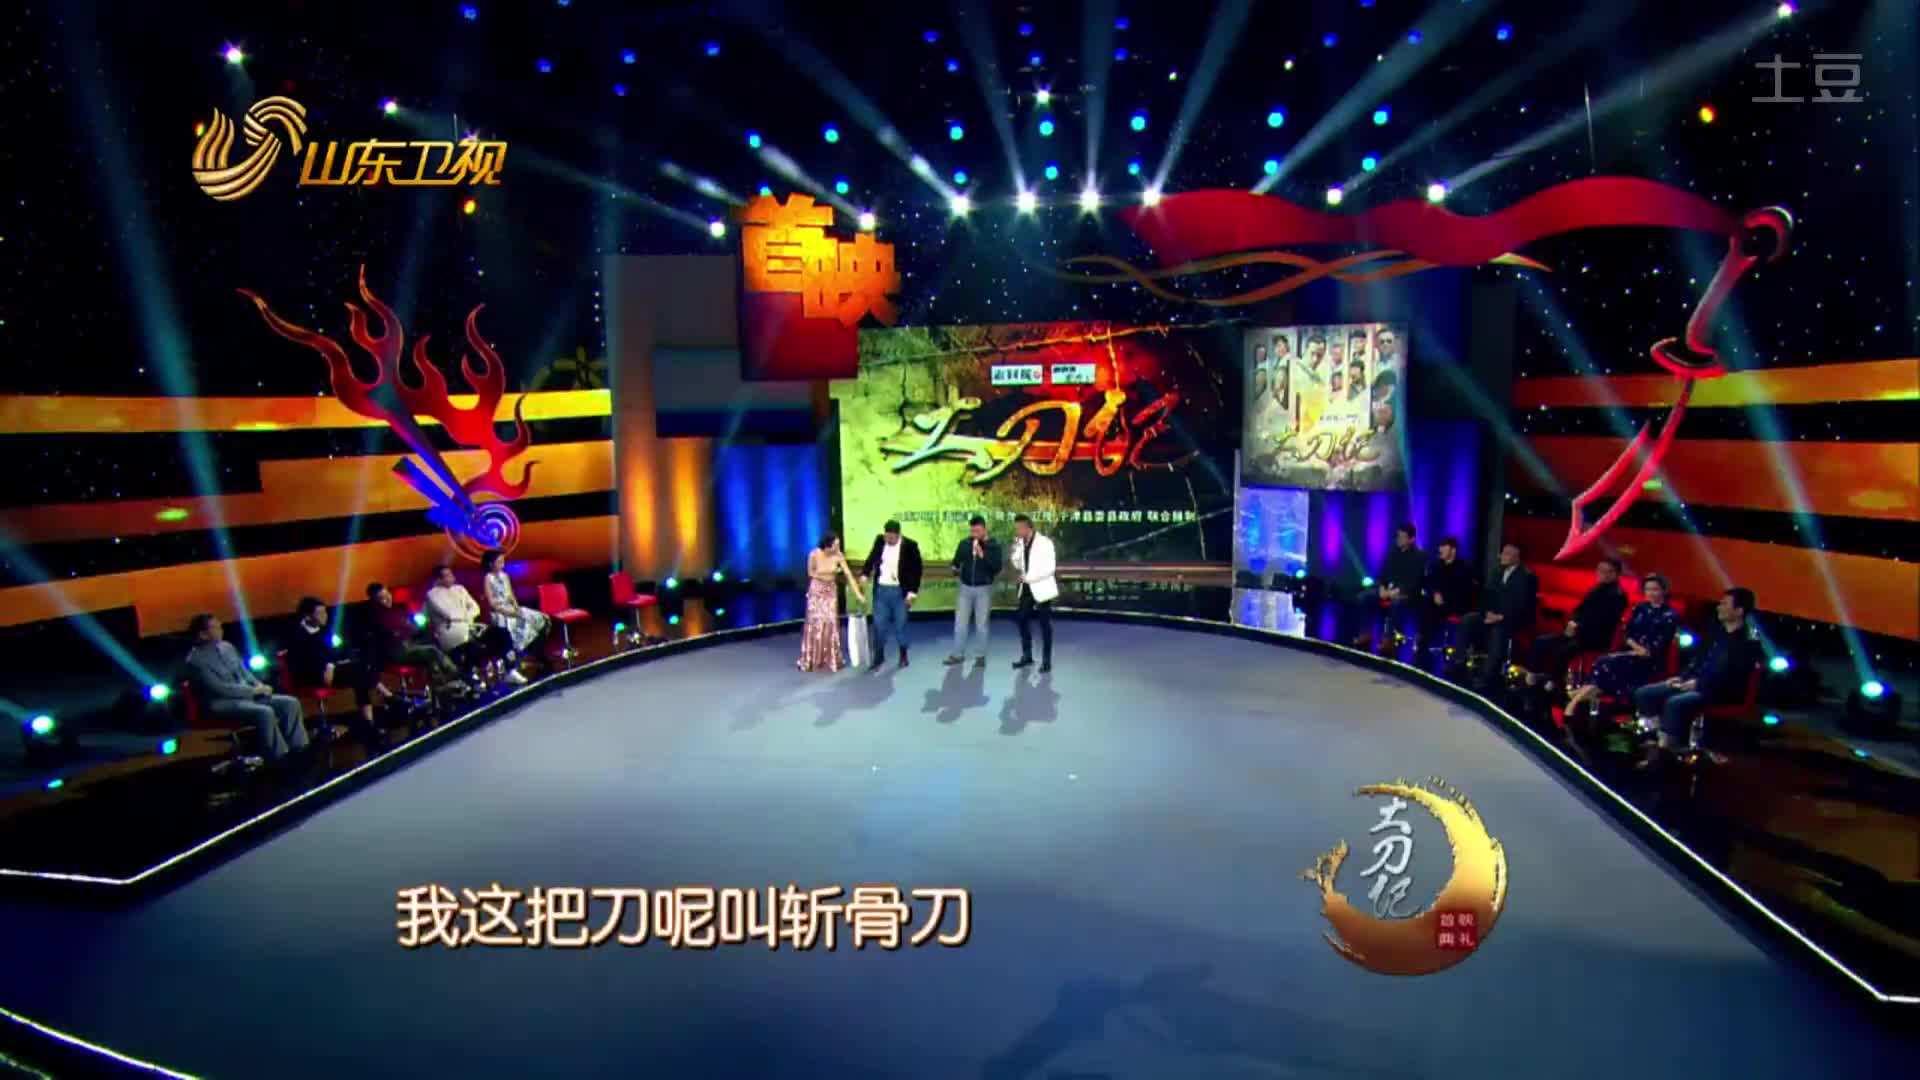 2017年8月4日综艺节目收视率排行榜,最炫国剧风收视第一今日评说第五